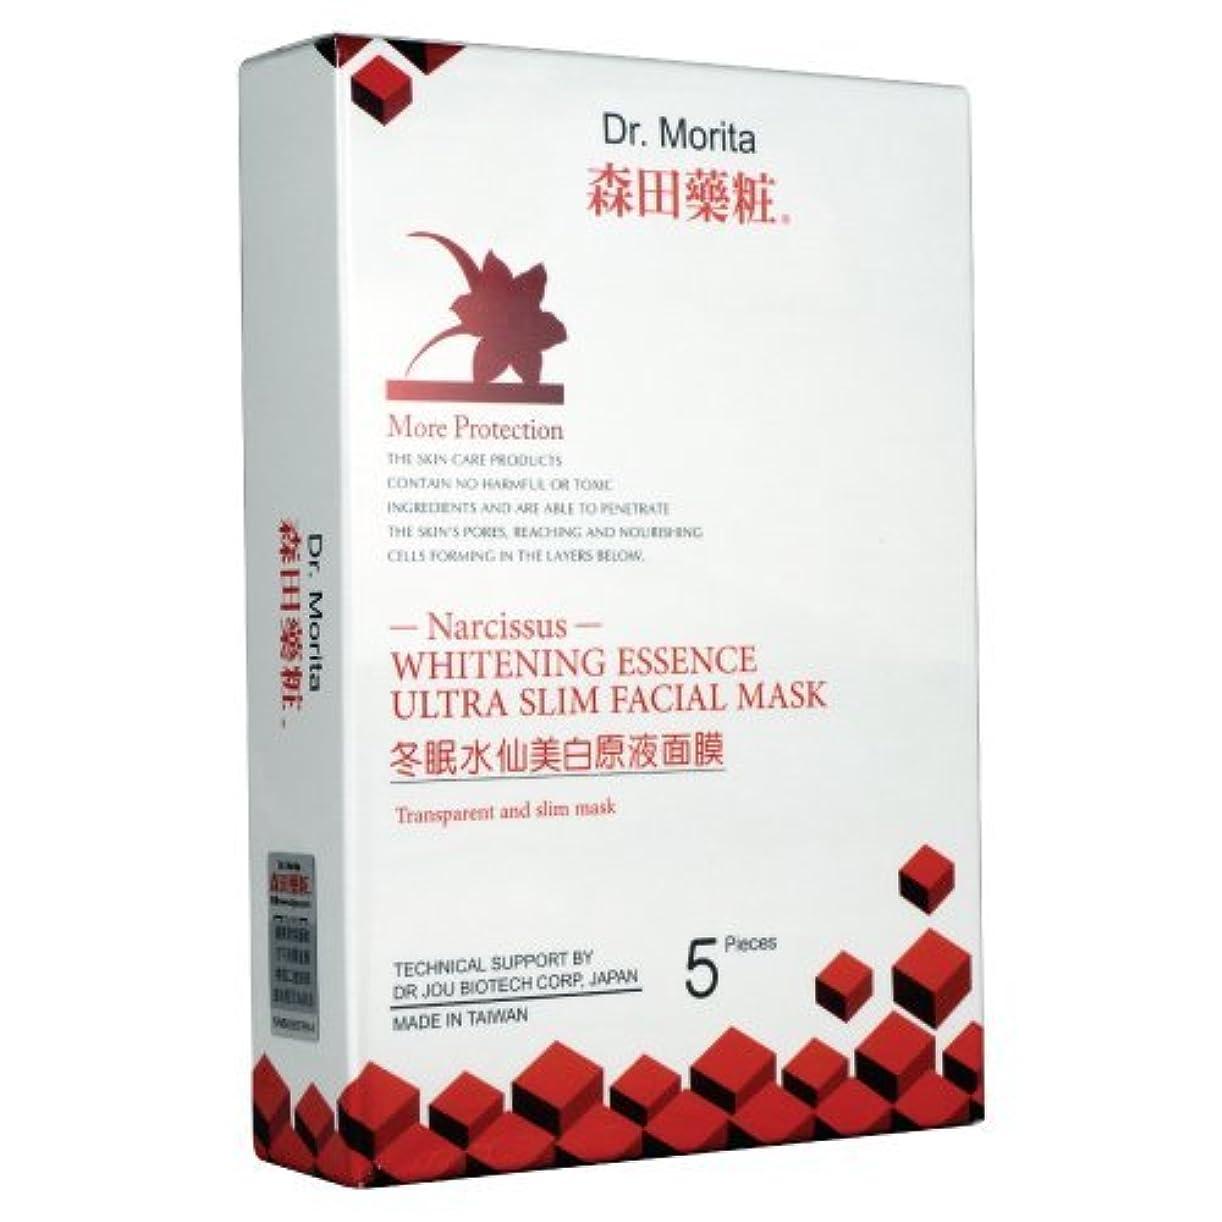 無人キモいストライプDoctor Morita ナルシス白いマスク-5薄い皮膚の傷に、皮膚若々しく、健康な状態を保つ美白含まれています